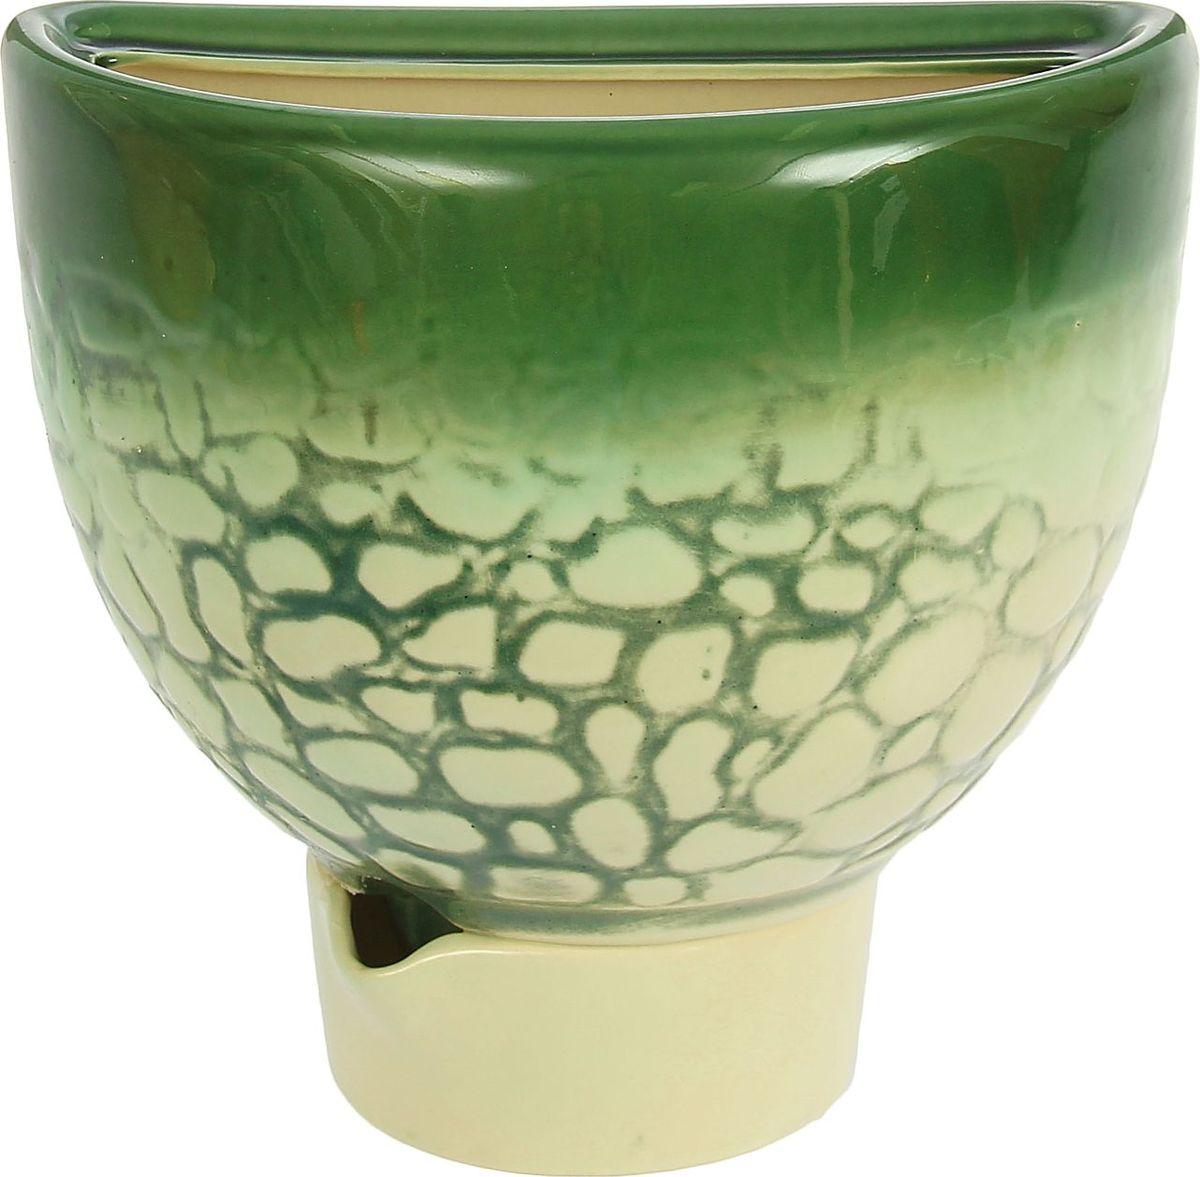 Кашпо Эра, цвет: зеленый, 3,4 л1210286Комнатные растения — всеобщие любимцы. Они радуют глаз, насыщают помещение кислородом и украшают пространство. Каждому из них необходим свой удобный и красивый дом. Кашпо из керамики прекрасно подходят для высадки растений: за счет пластичности глины и разных способов обработки существует великое множество форм и дизайнов пористый материал позволяет испаряться лишней влаге воздух, необходимый для дыхания корней, проникает сквозь керамические стенки! позаботится о зеленом питомце, освежит интерьер и подчеркнет его стиль.